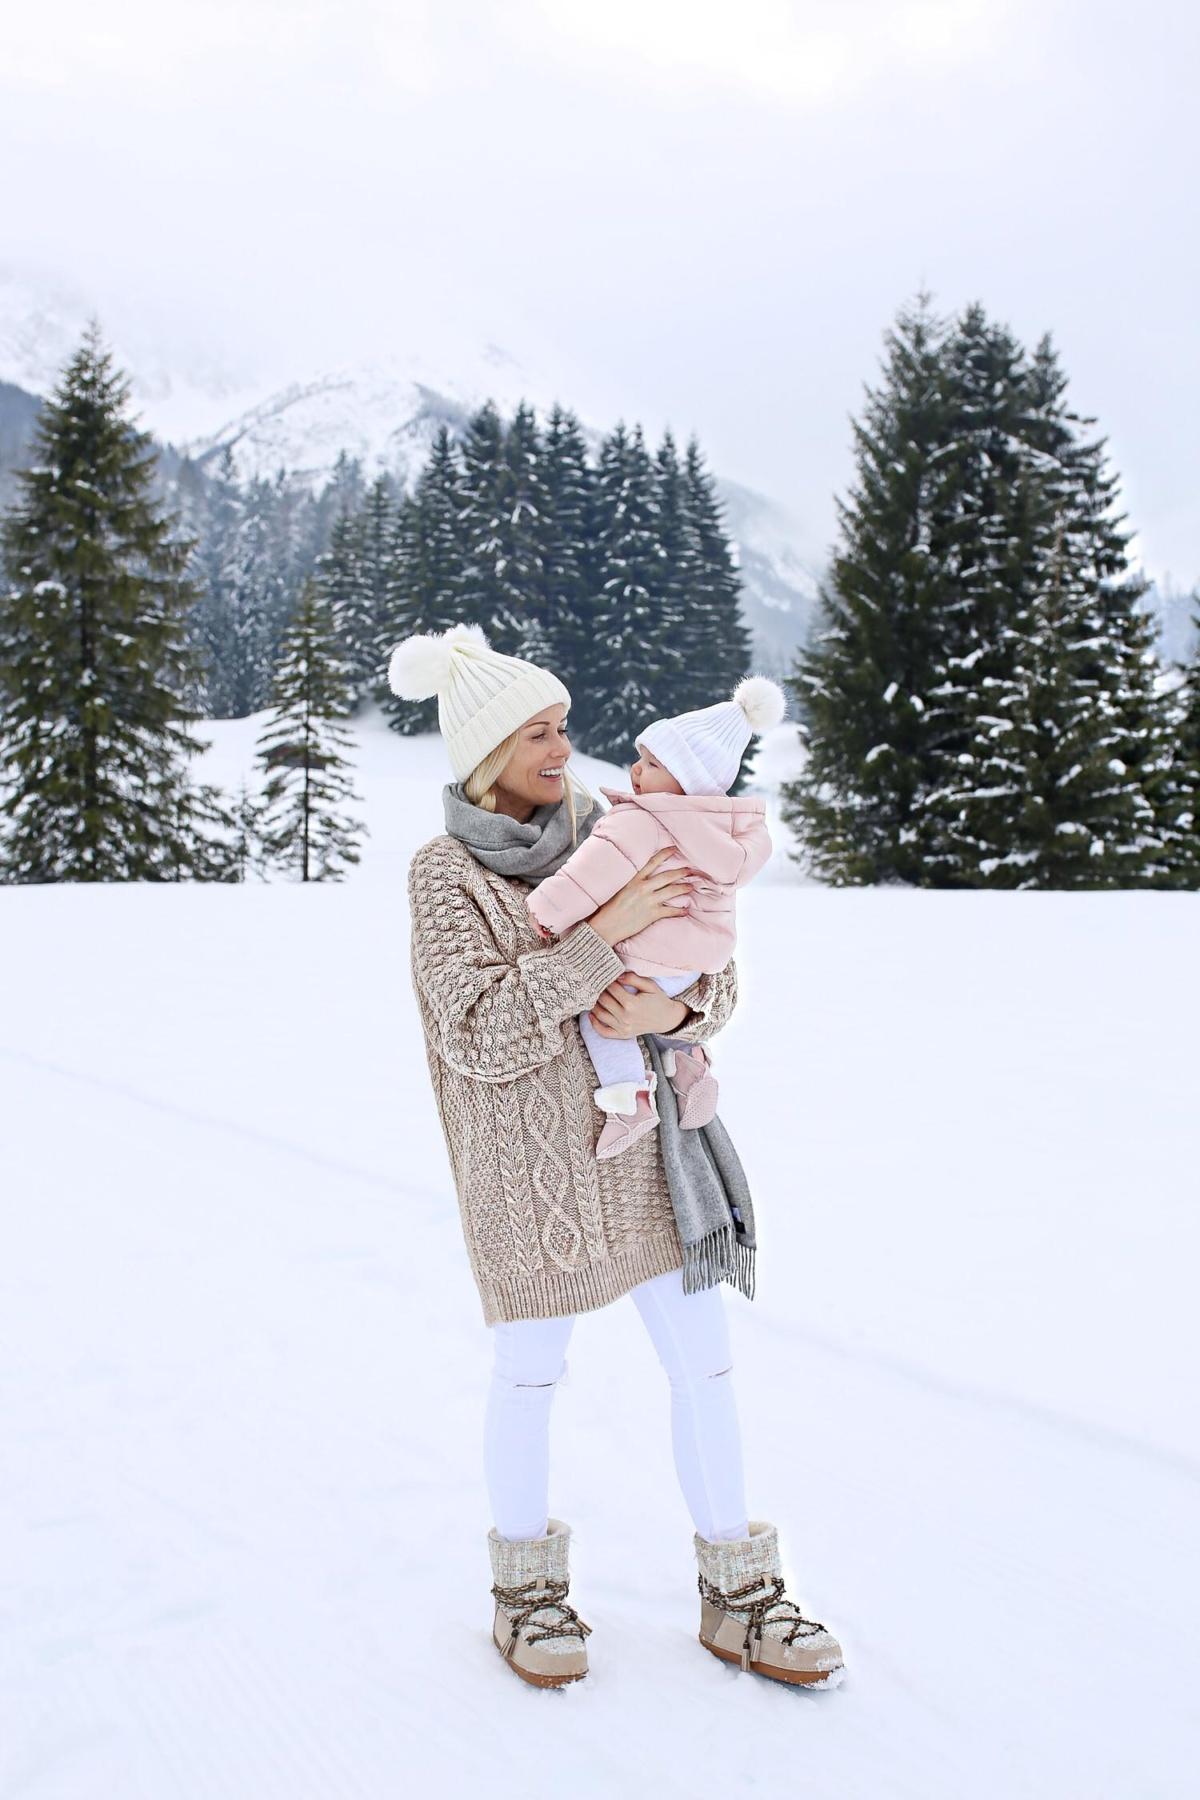 stylingliebe-lifestyleblogger-mamablog-fashionblog-muenchen-styleblog-munich-blogger-deutschland-fashionblogger-lifestyleblog-mamablogger-modeblog-styleblog-alles-ist-anders-seitdem-sie-da-ist-1